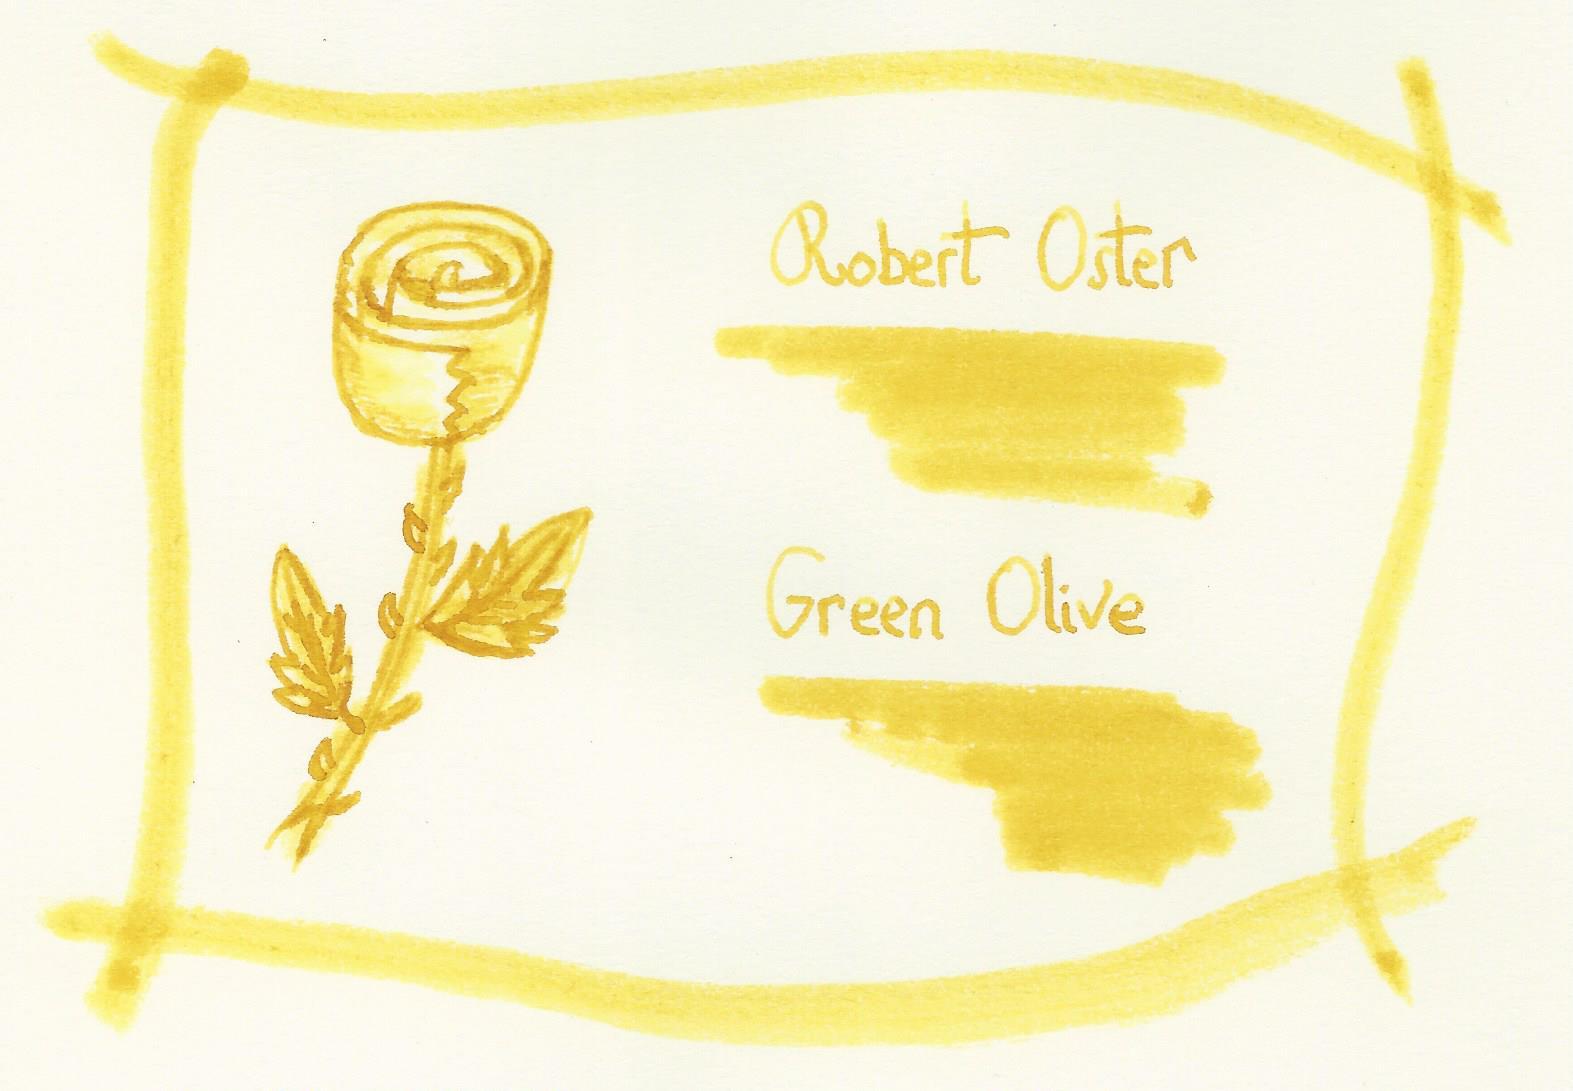 fpn_1547751747__robert_oster_-_green_oli